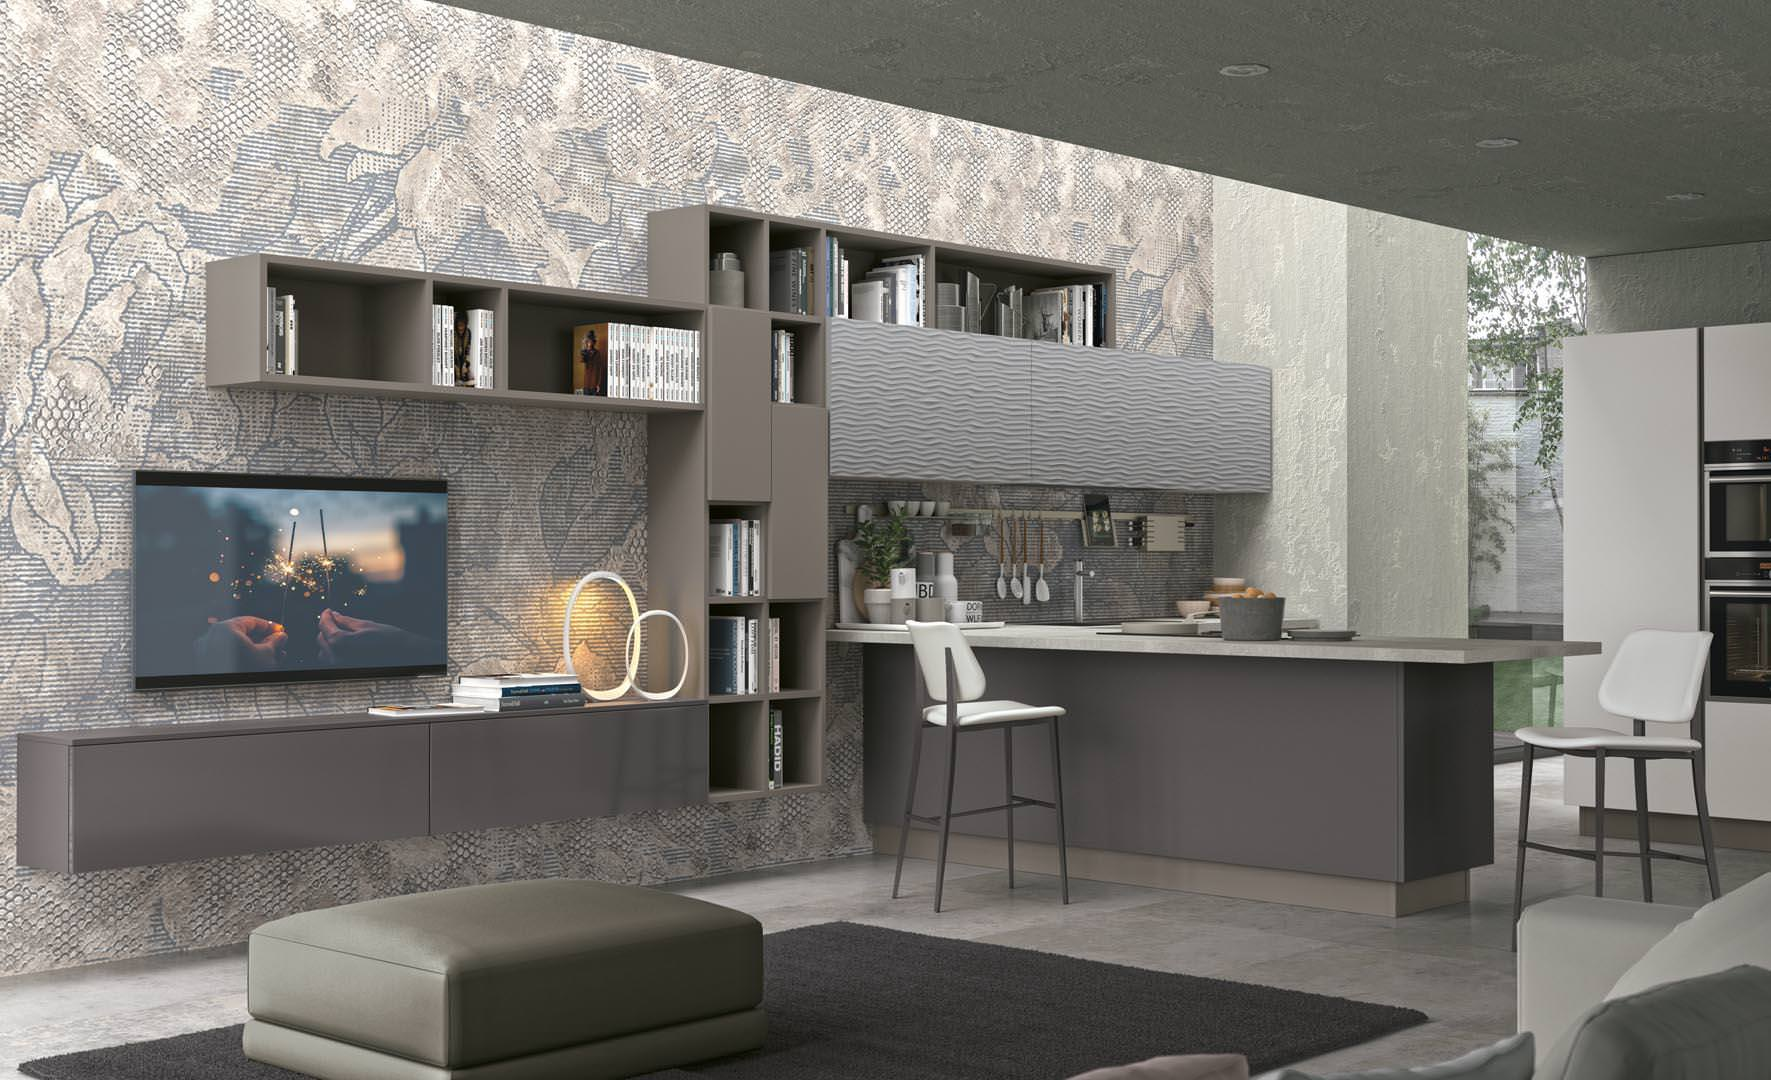 Cucina lube clover lux l 39 ergonomica forma dell anta rafaschieri arredamenti - Cucine lube 2017 ...